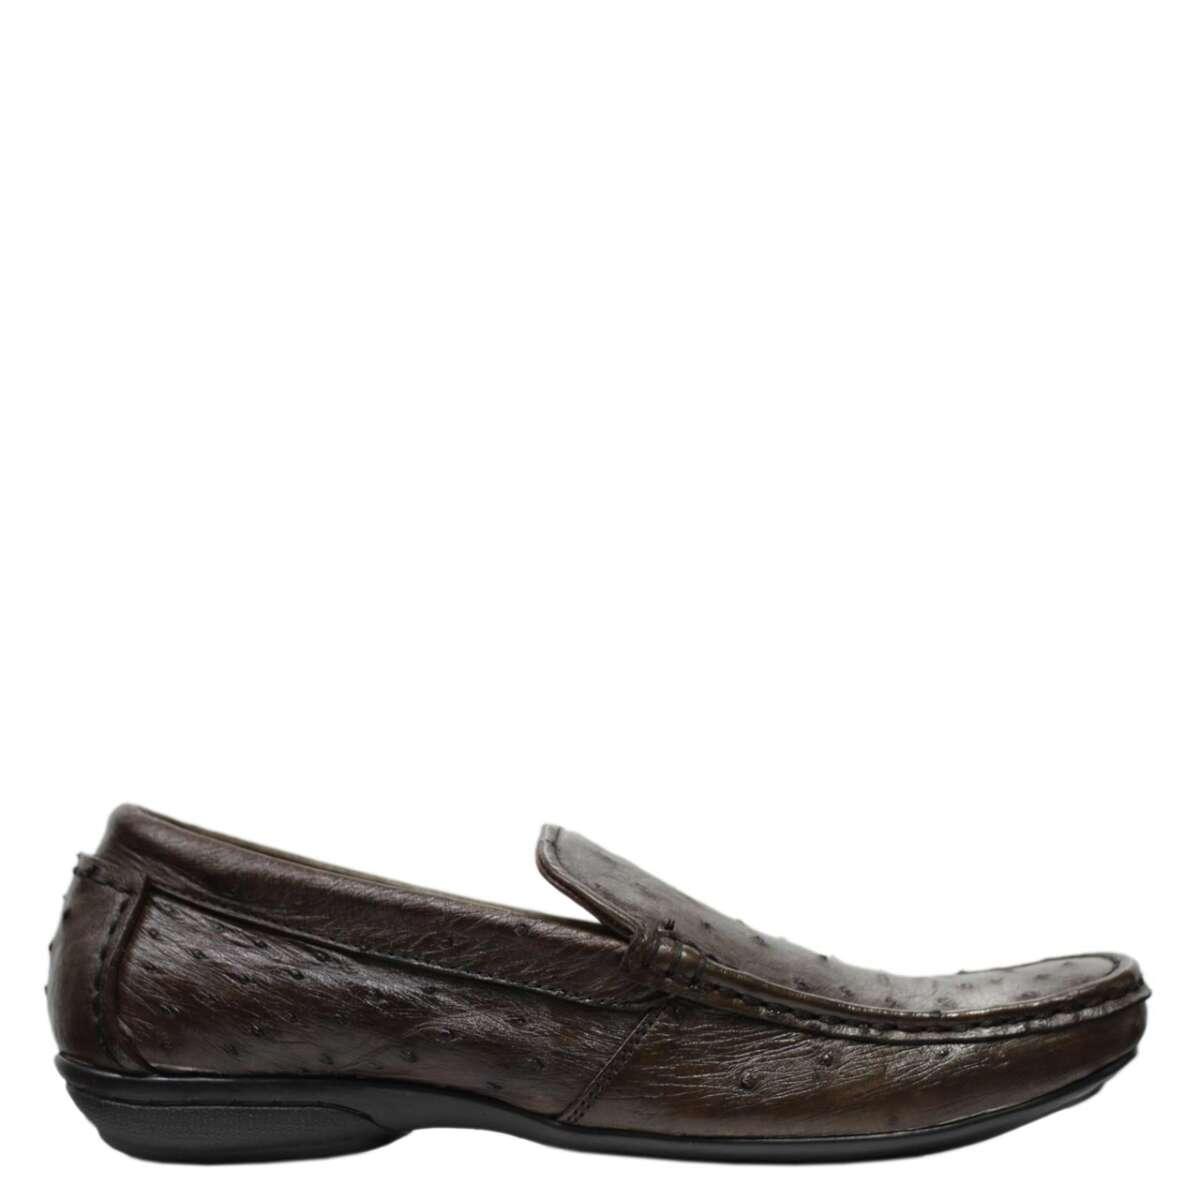 Giày lười nam da đà điểu E861b